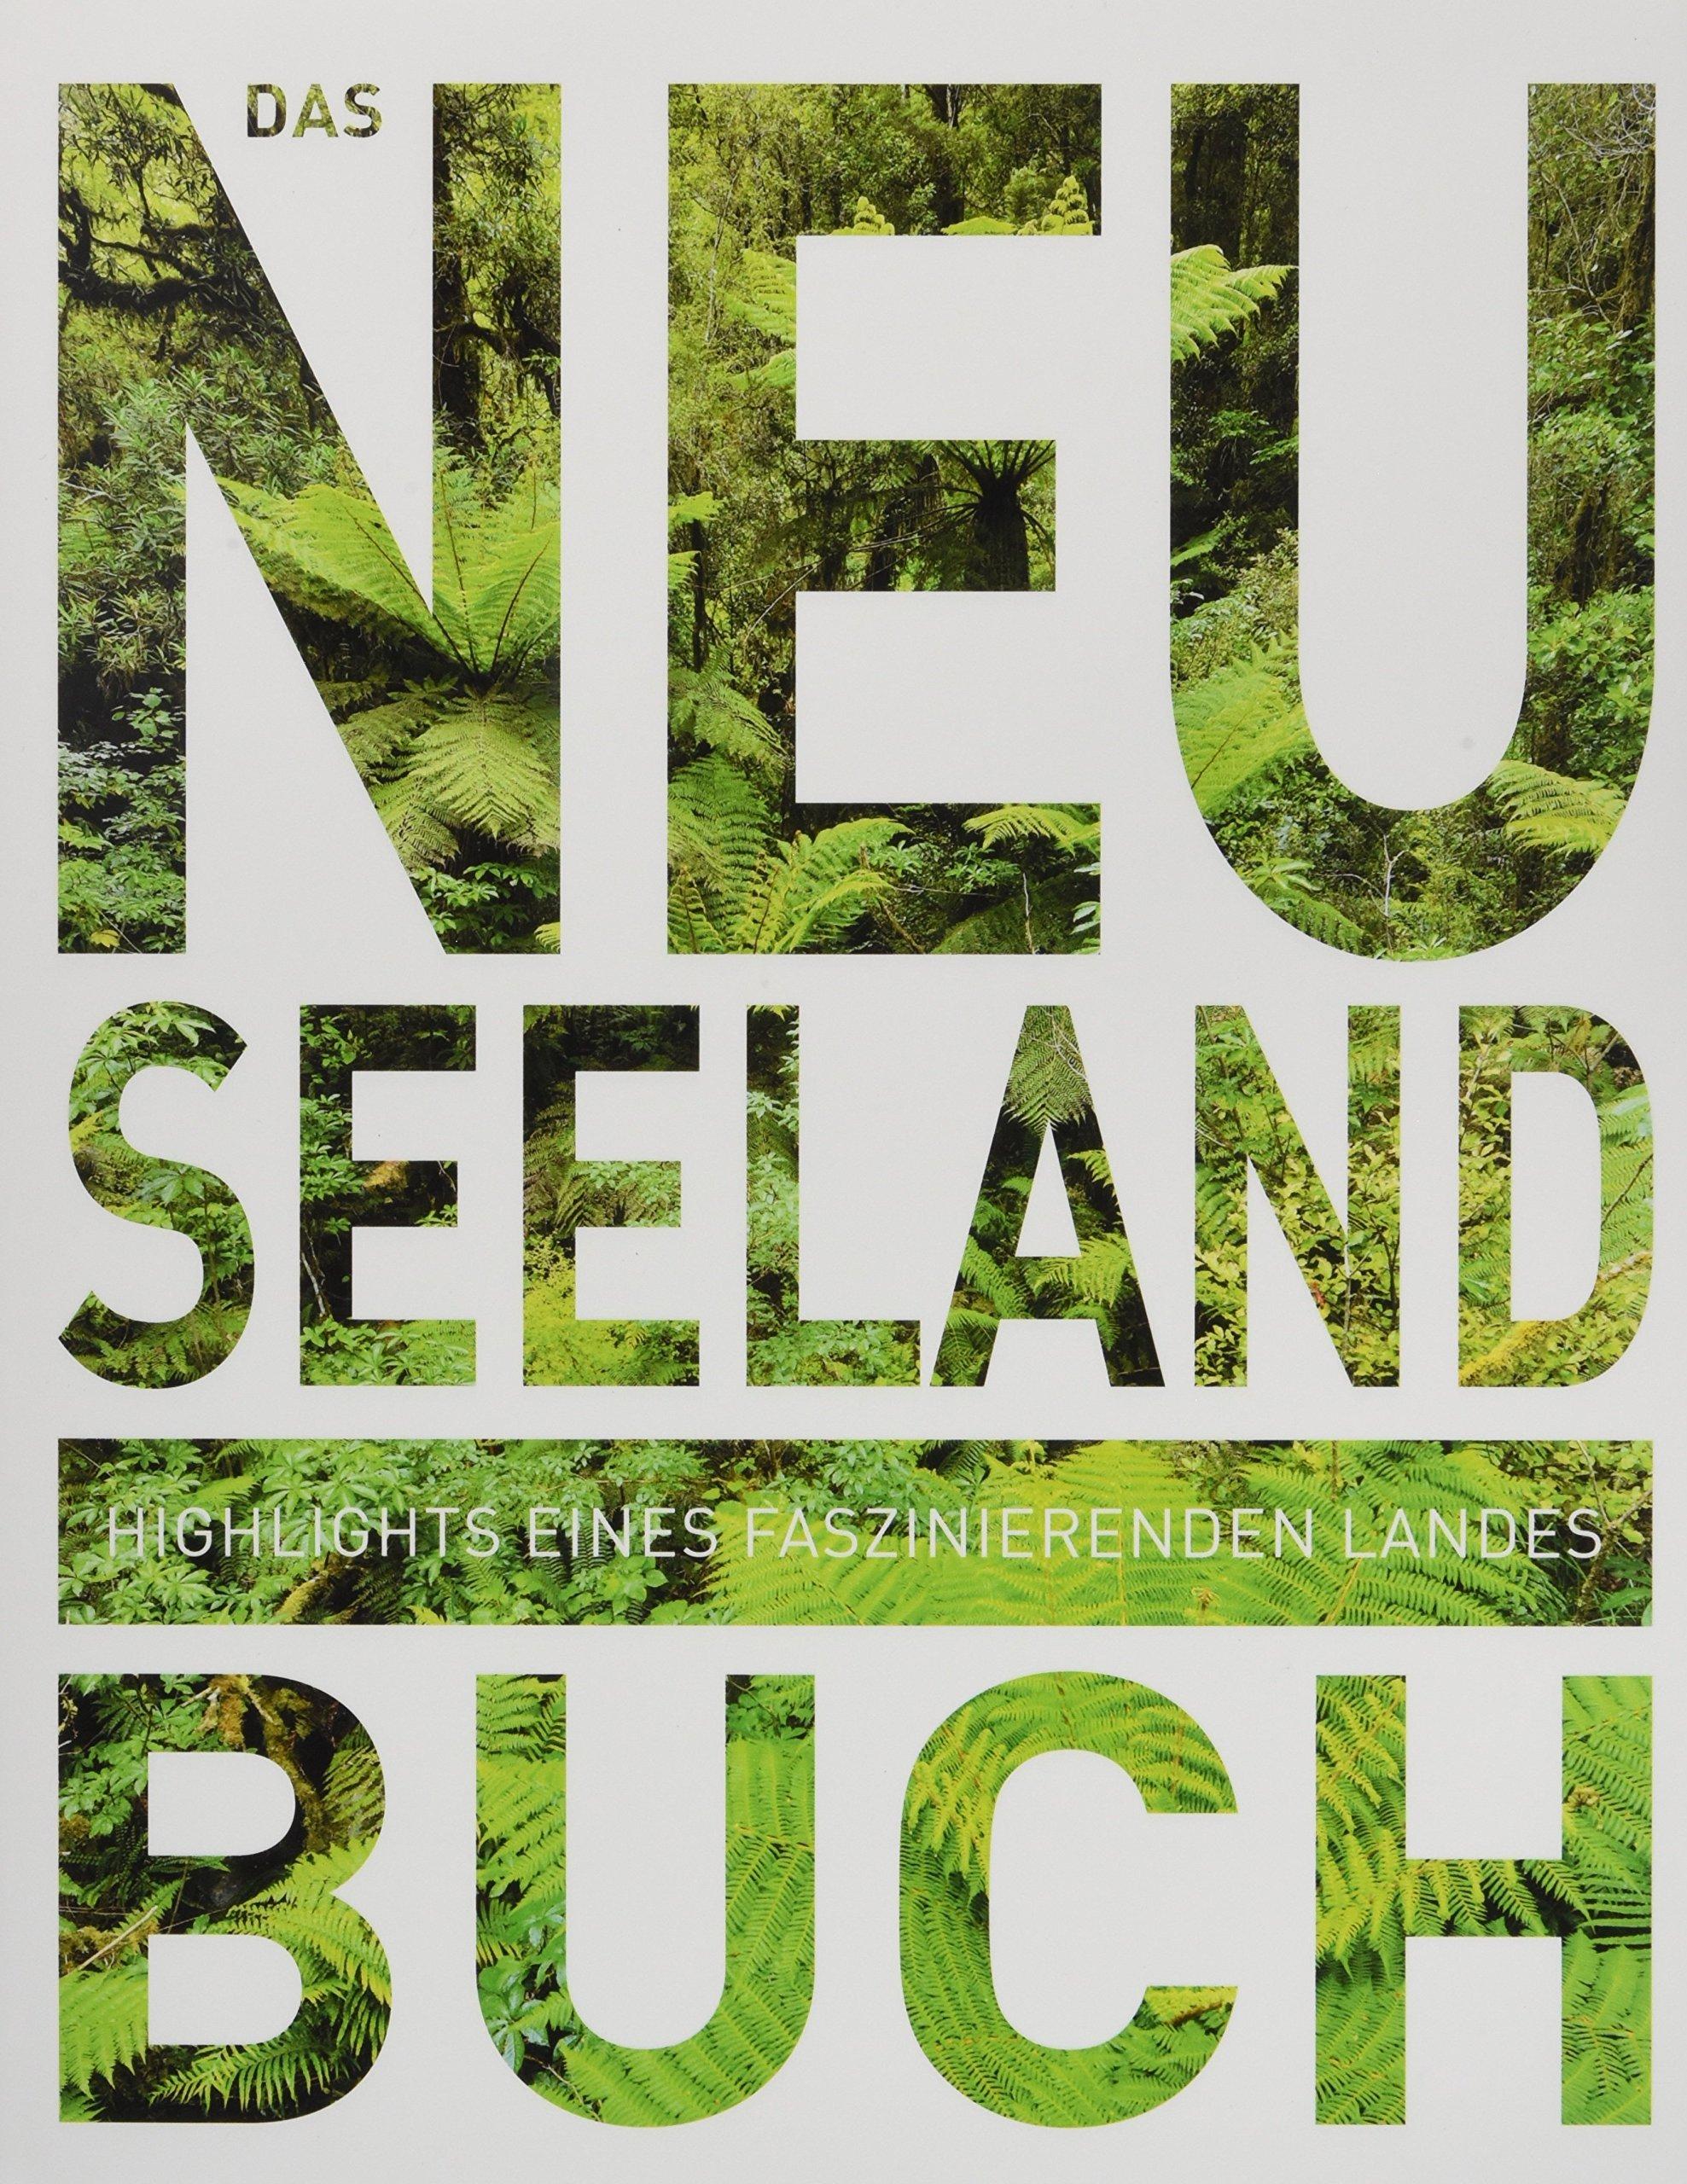 das-neuseeland-buch-highlights-eines-faszinierenden-landes